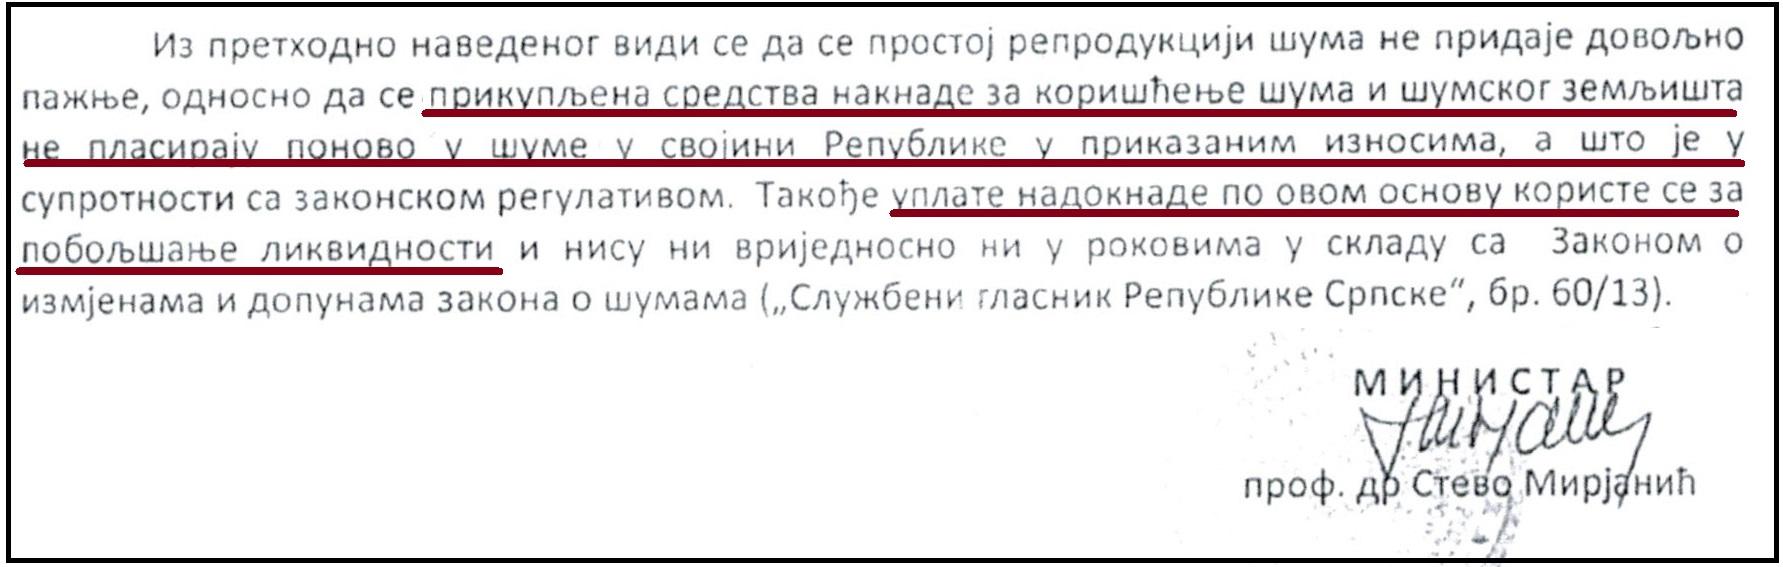 CCI15016_0002b